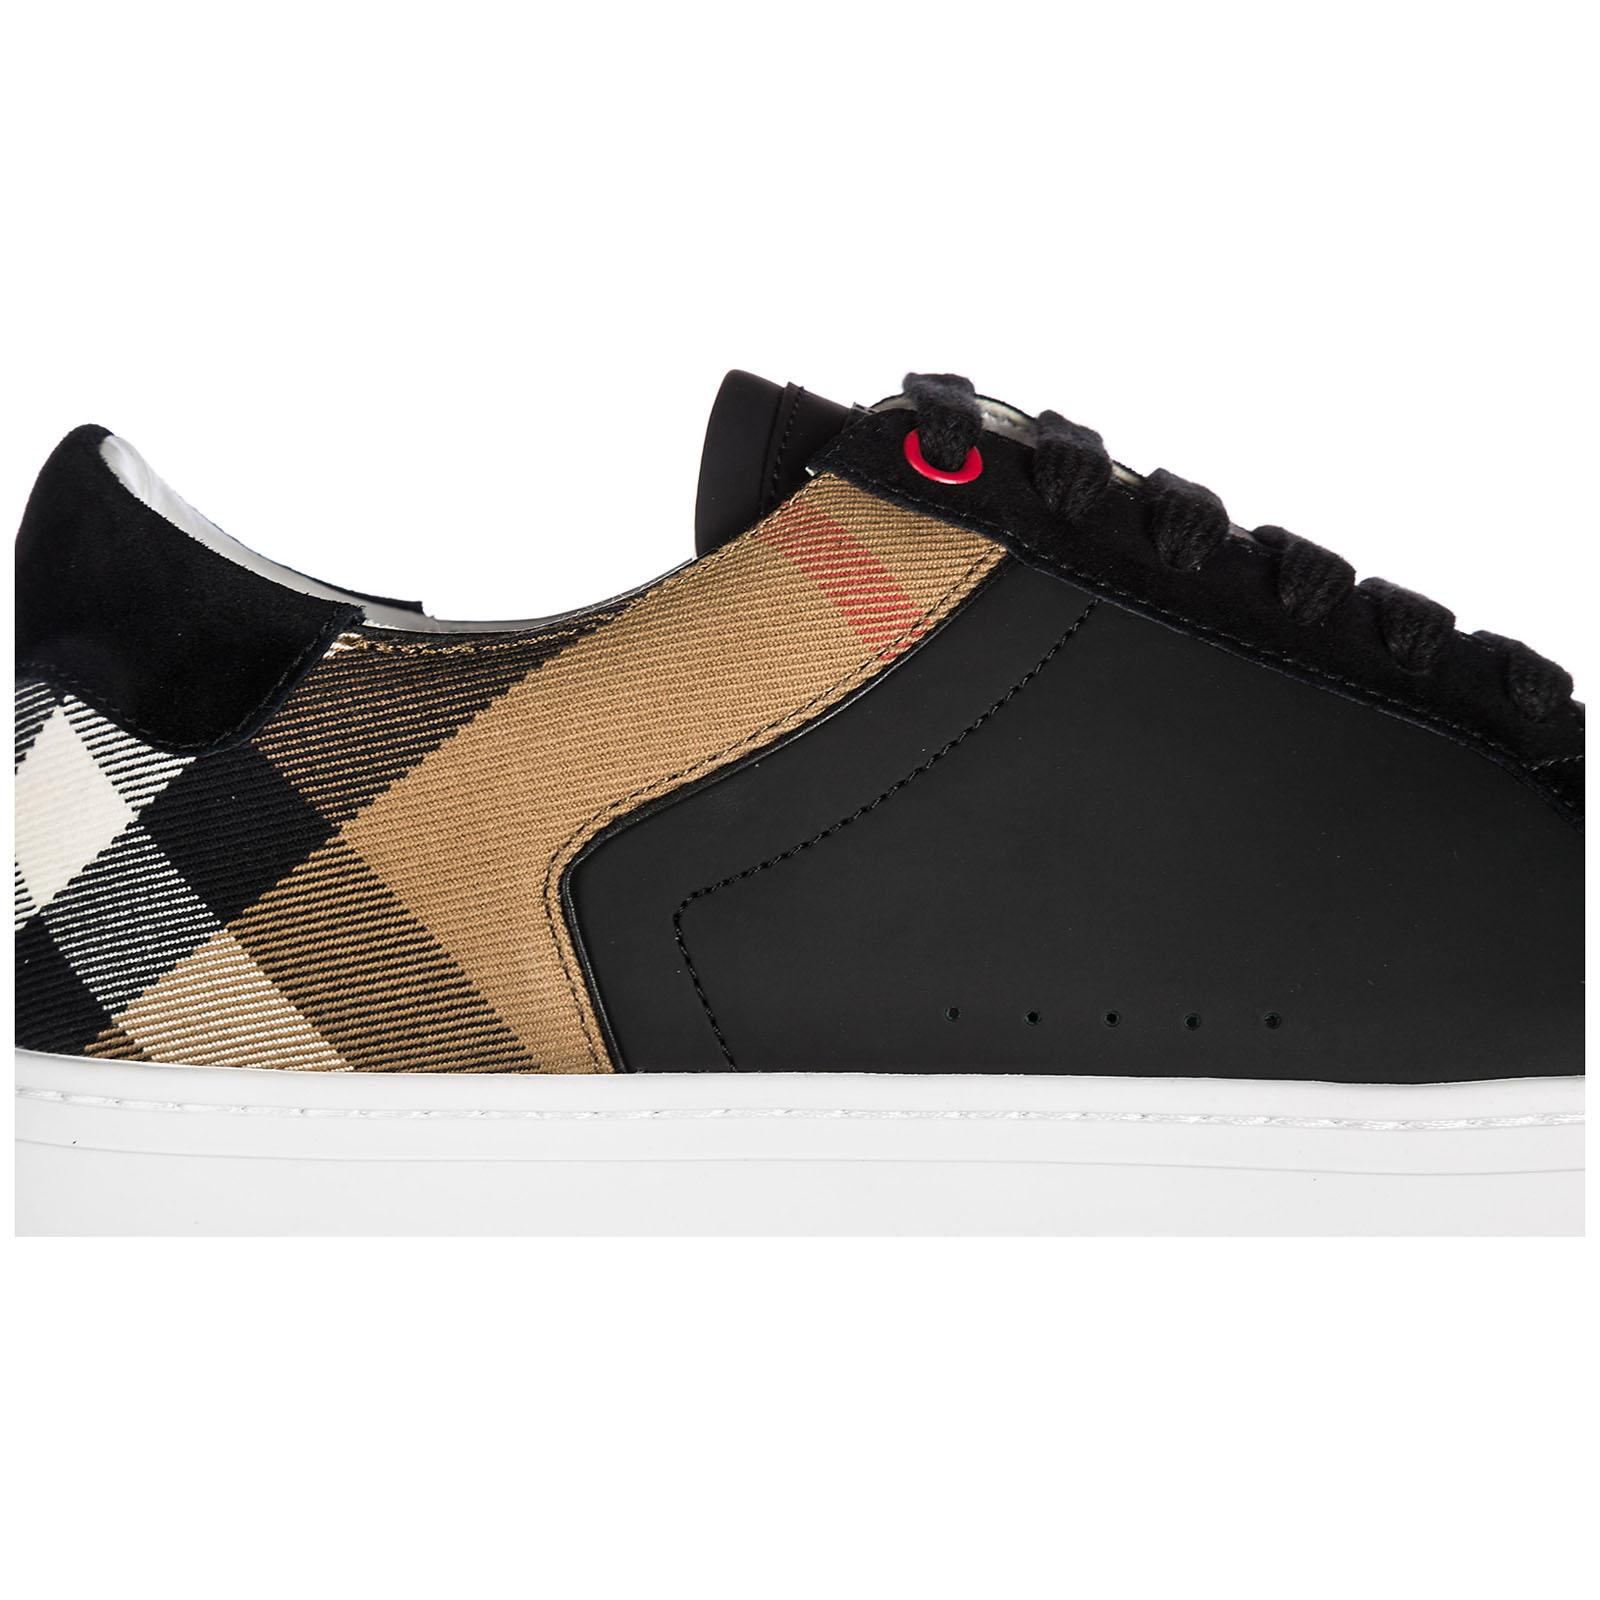 ee0024d55 Zapatillas deportivas Burberry Reeth Low 40540211 black | FRMODA.com